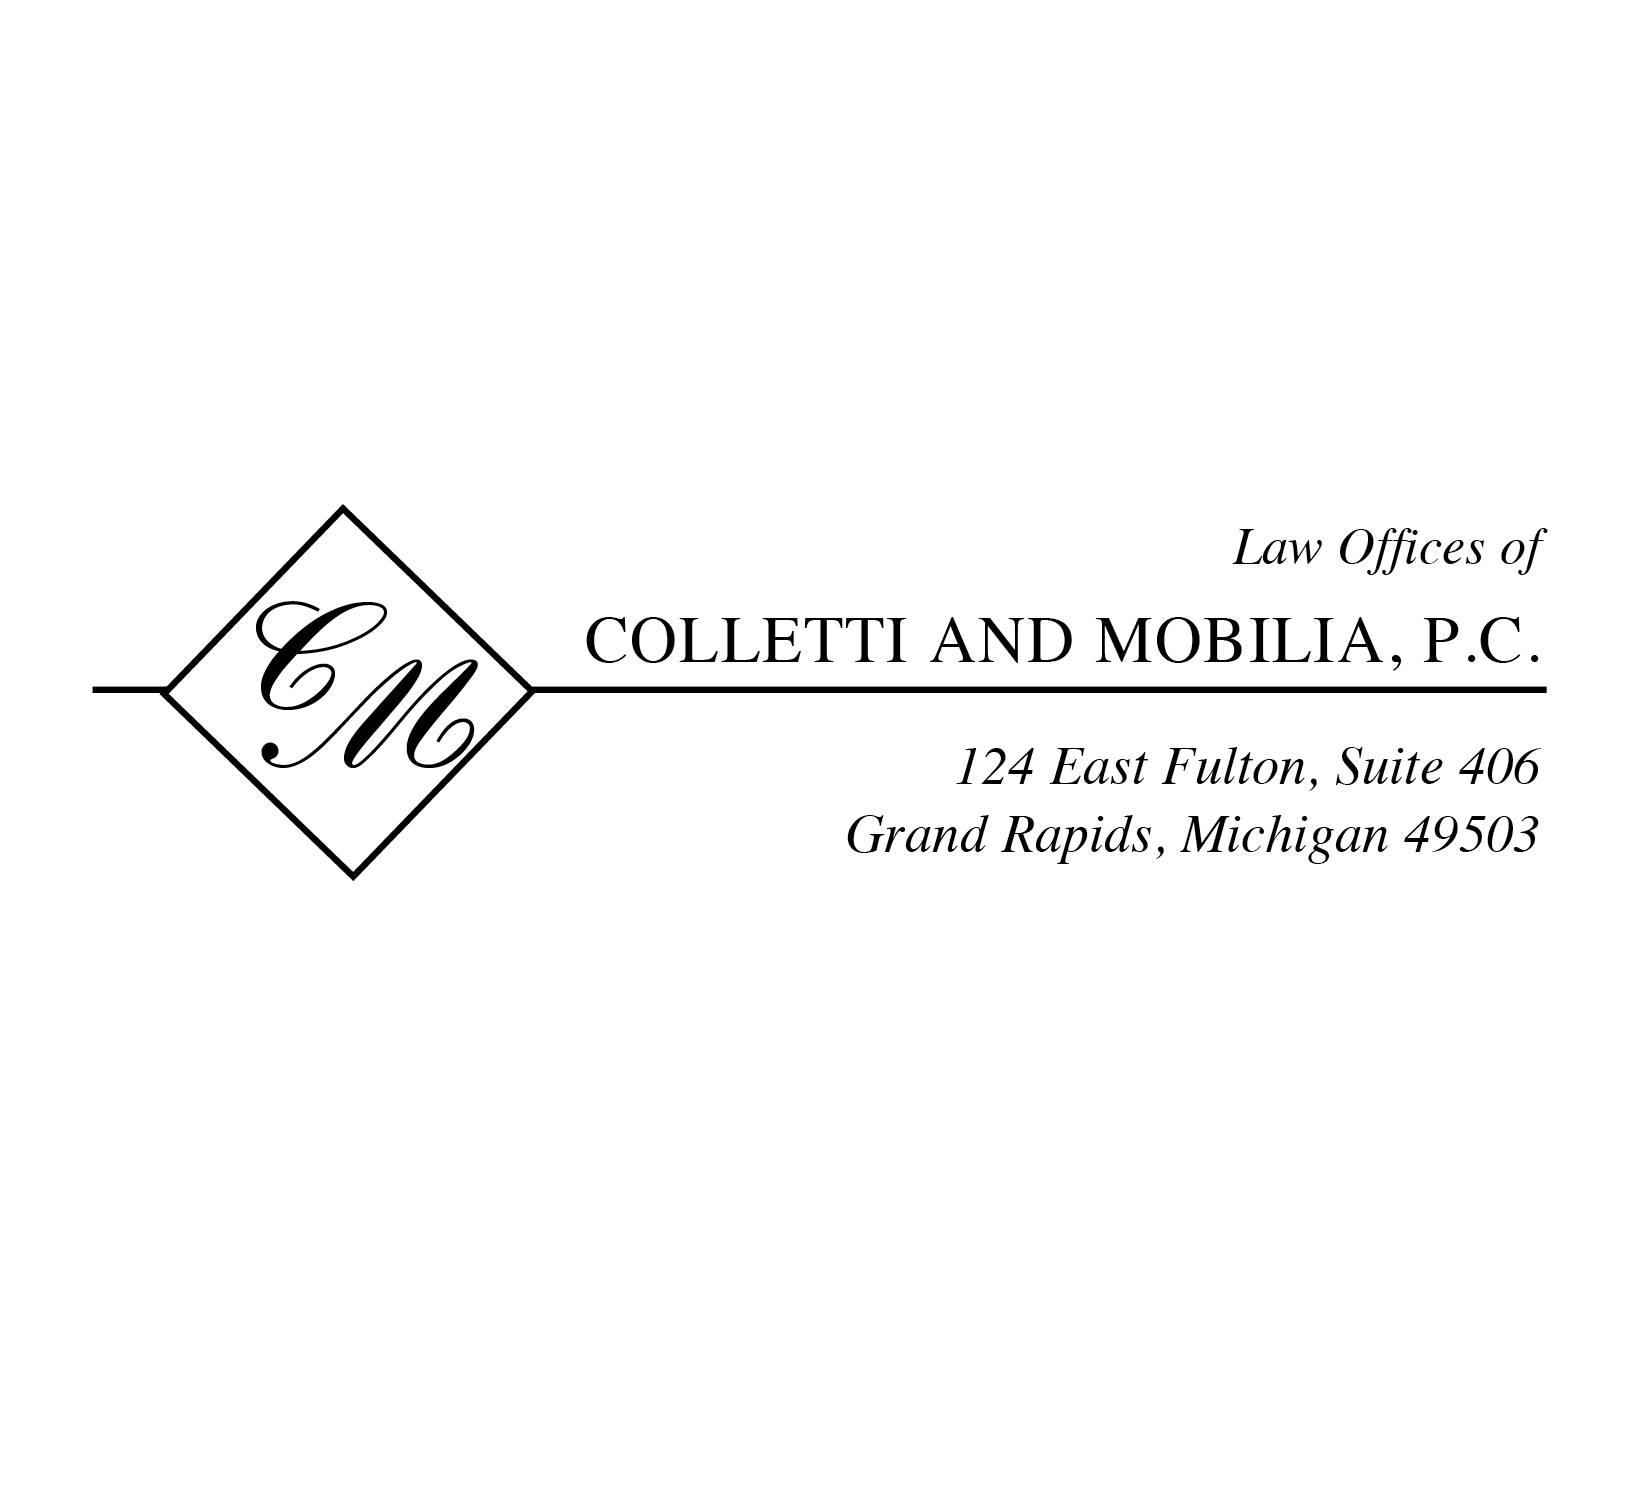 Colletti & Mobilia PC